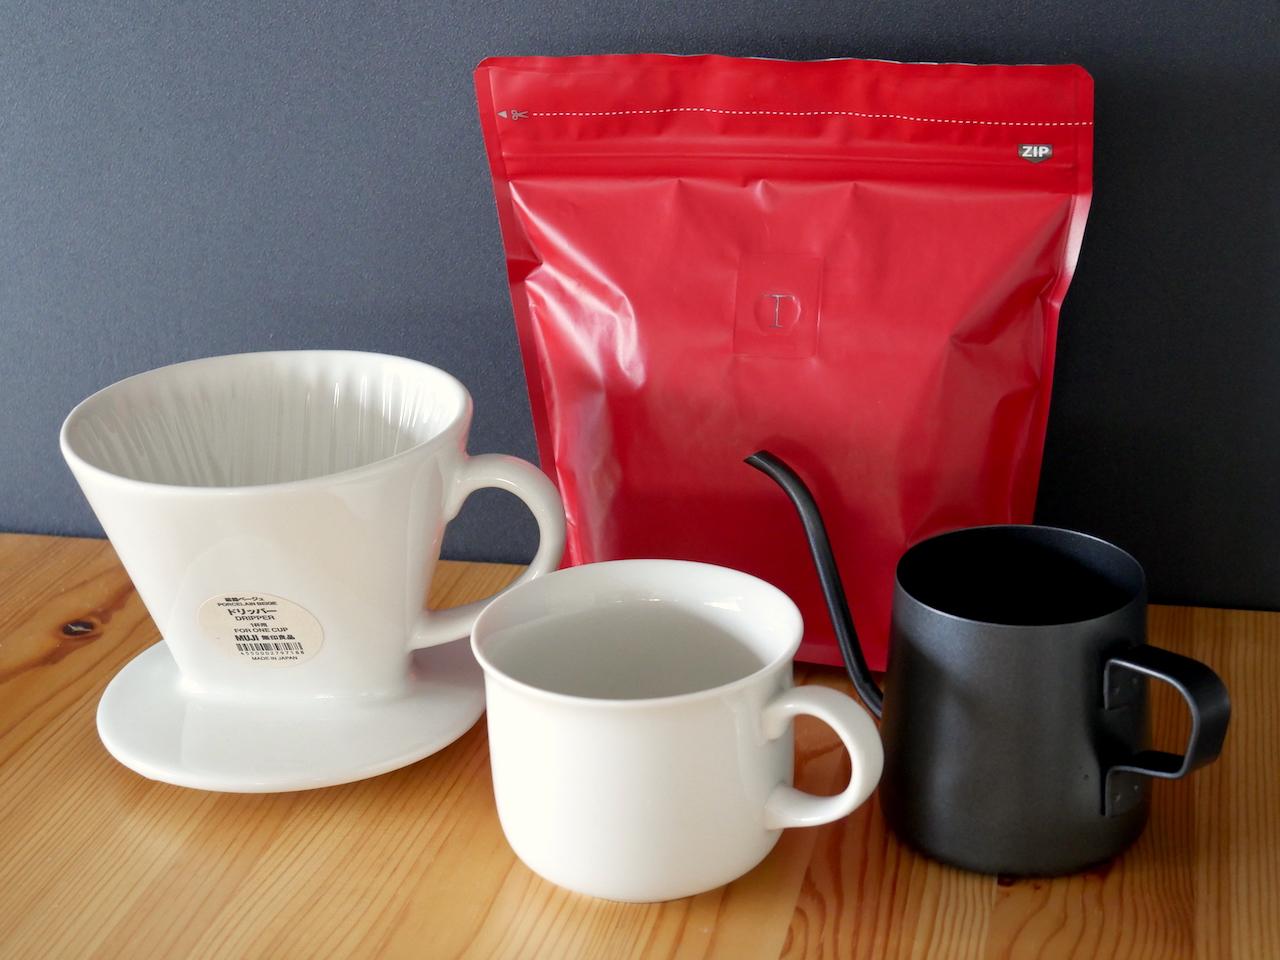 無印良品男子が揃えている「美味しいコーヒー」のための道具